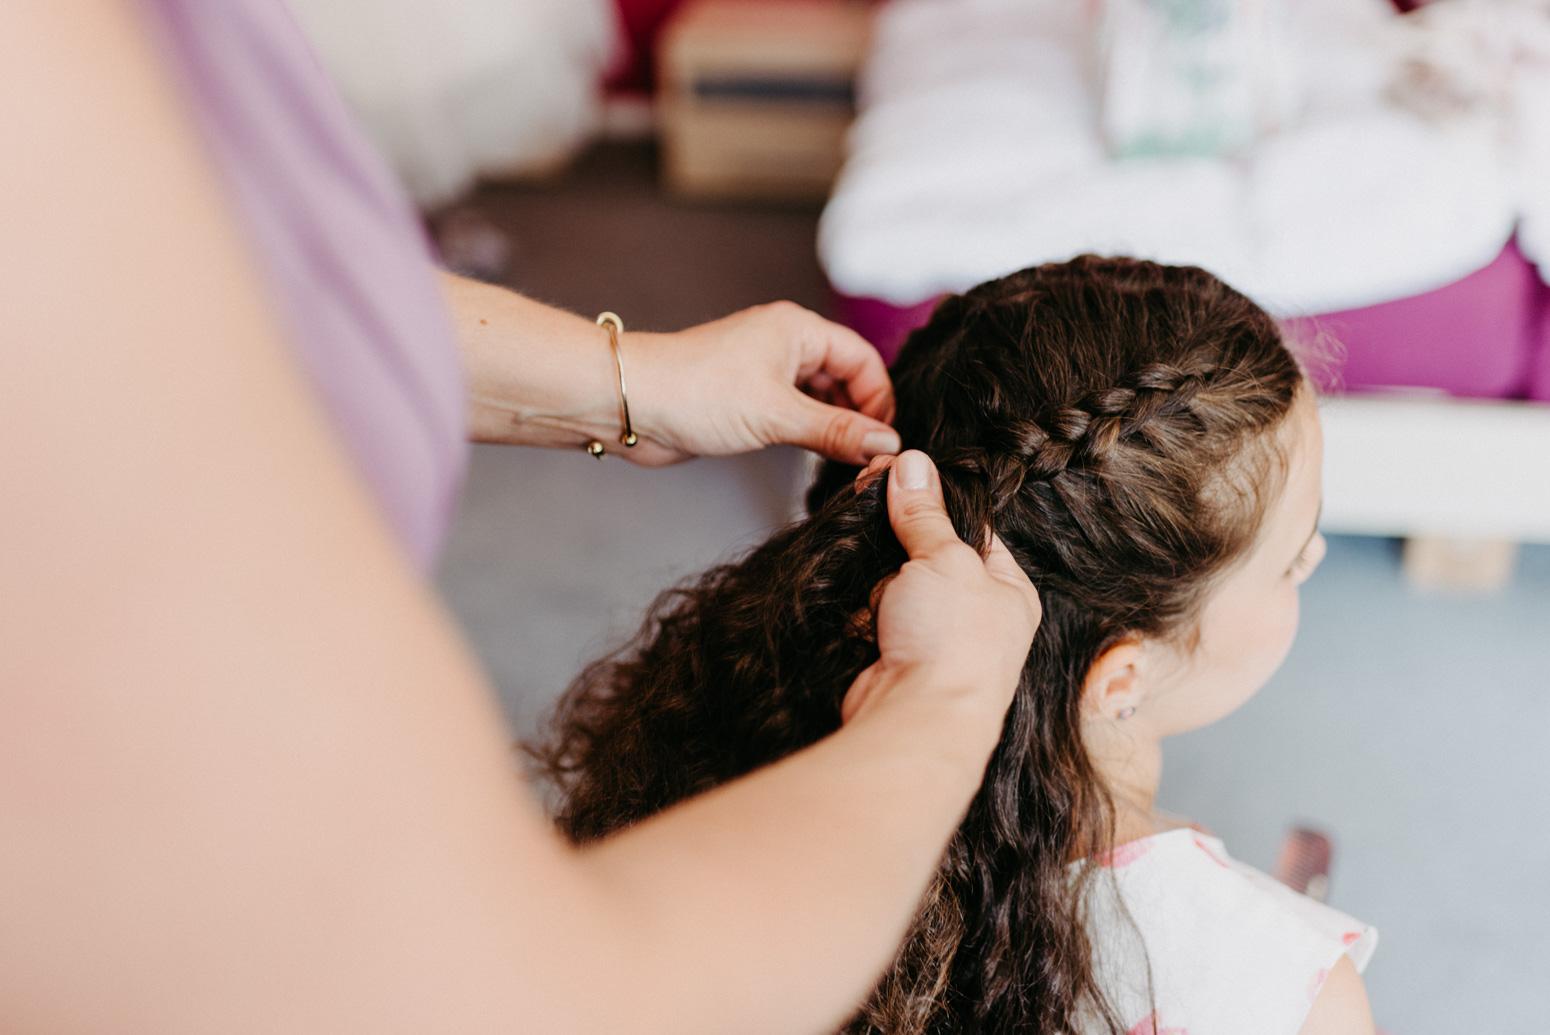 Haare flechten beim Getting Ready. Hochzeitsfotografin Daria Becker von Genuine Bonds aus Bonn